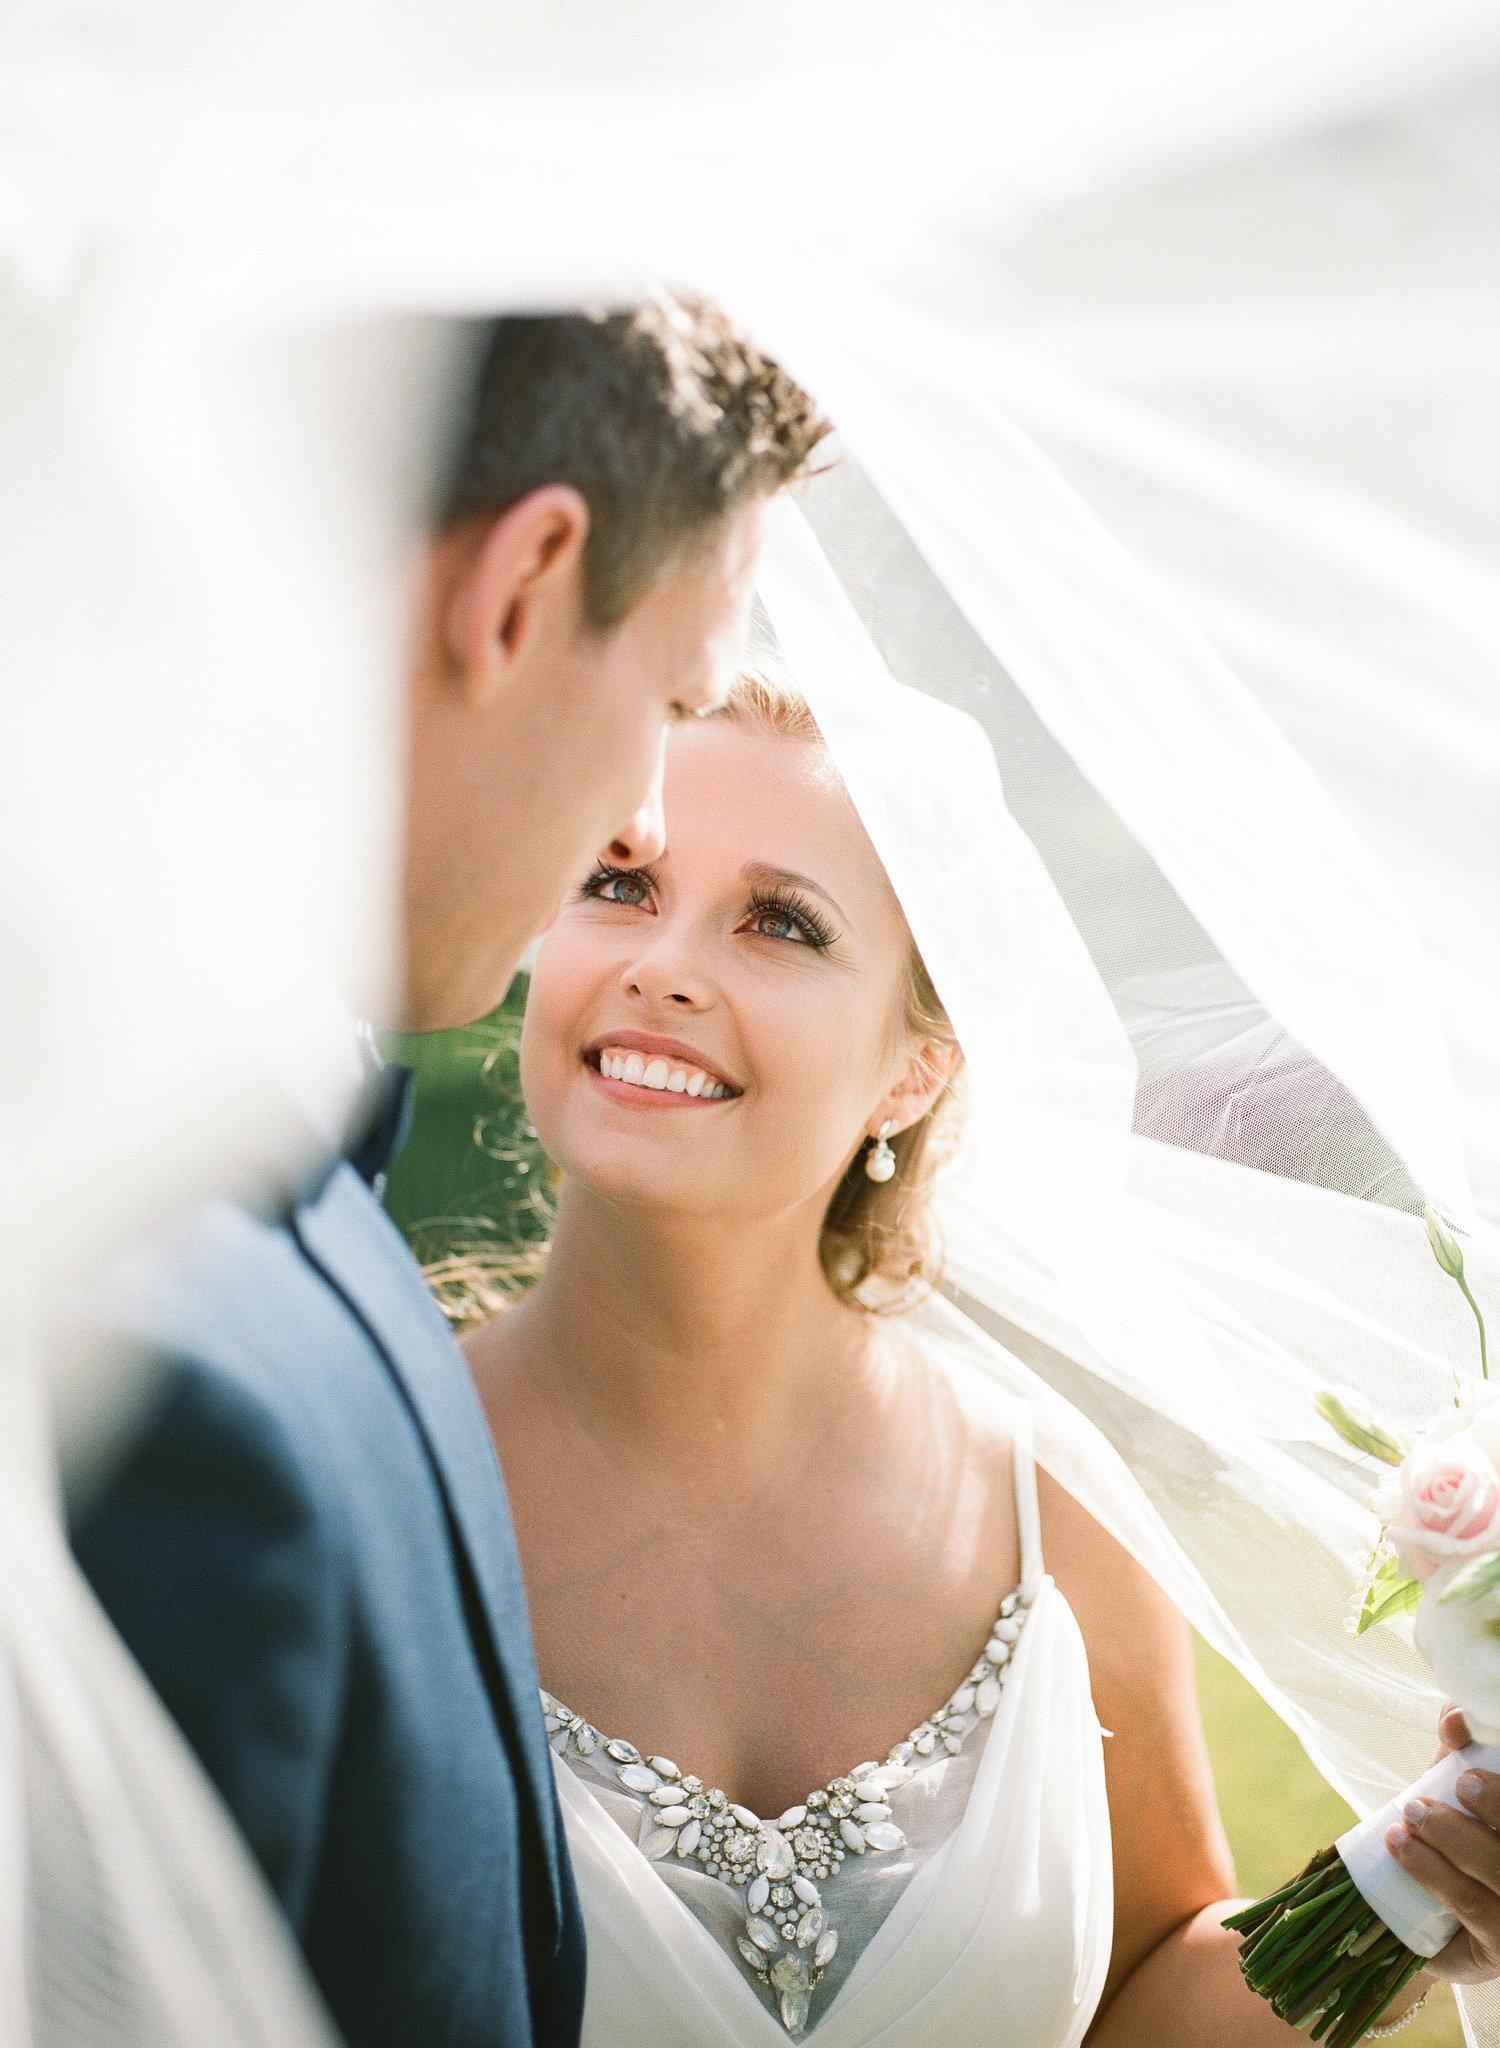 modern bride groom hayley paige